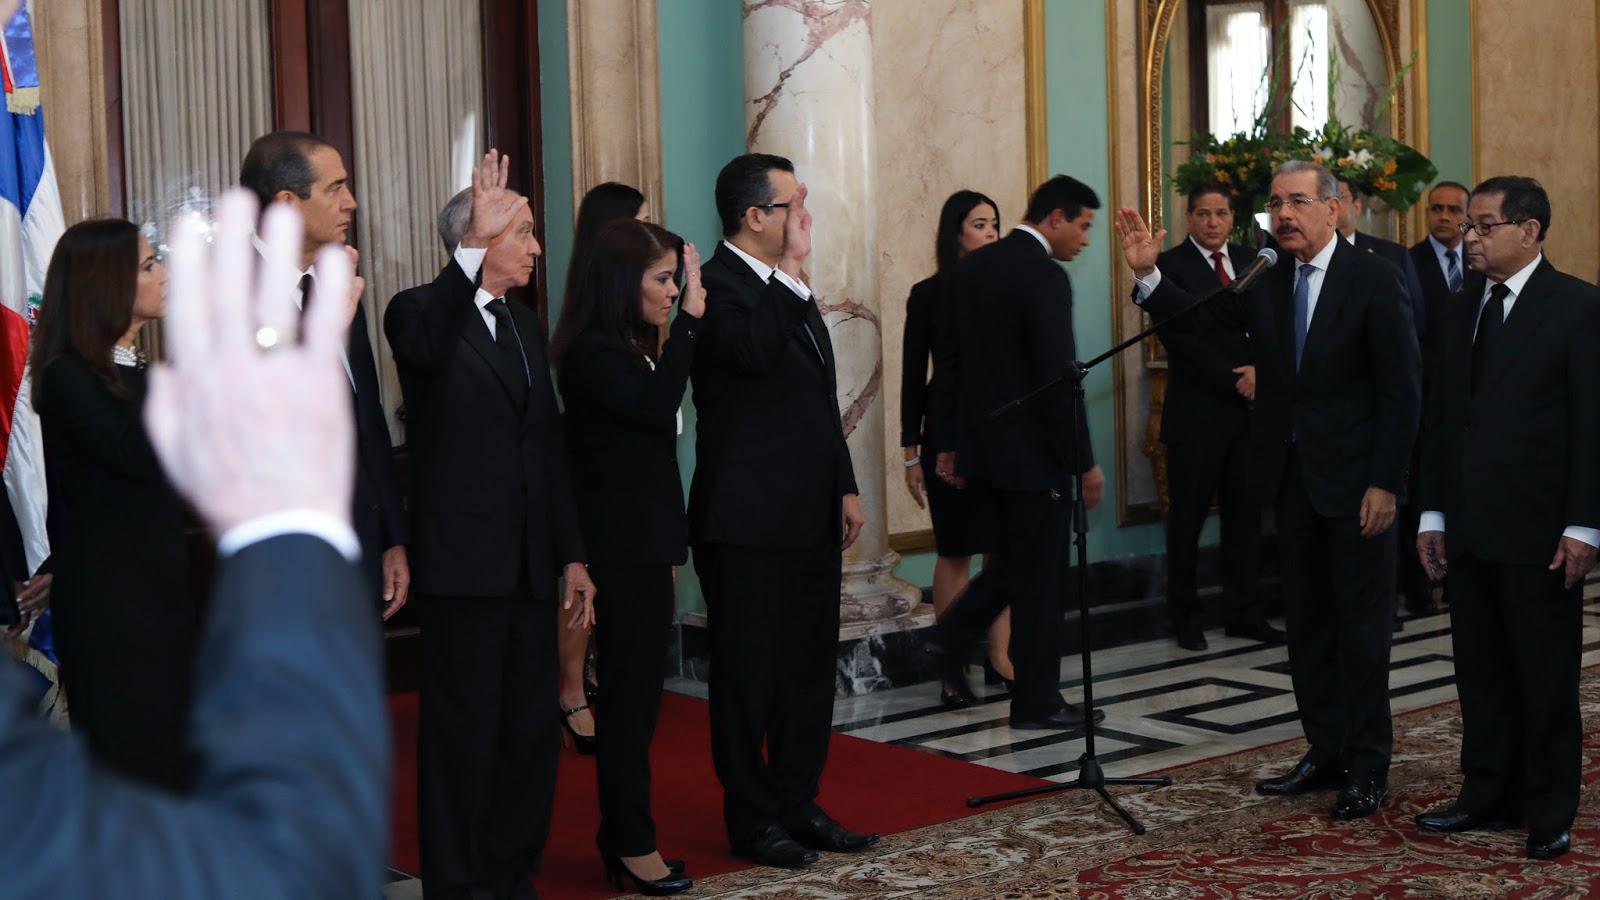 VIDEO: Danilo Medina juramenta nuevos miembros Tribunal Superior Electoral y Suprema Corte de Justicia